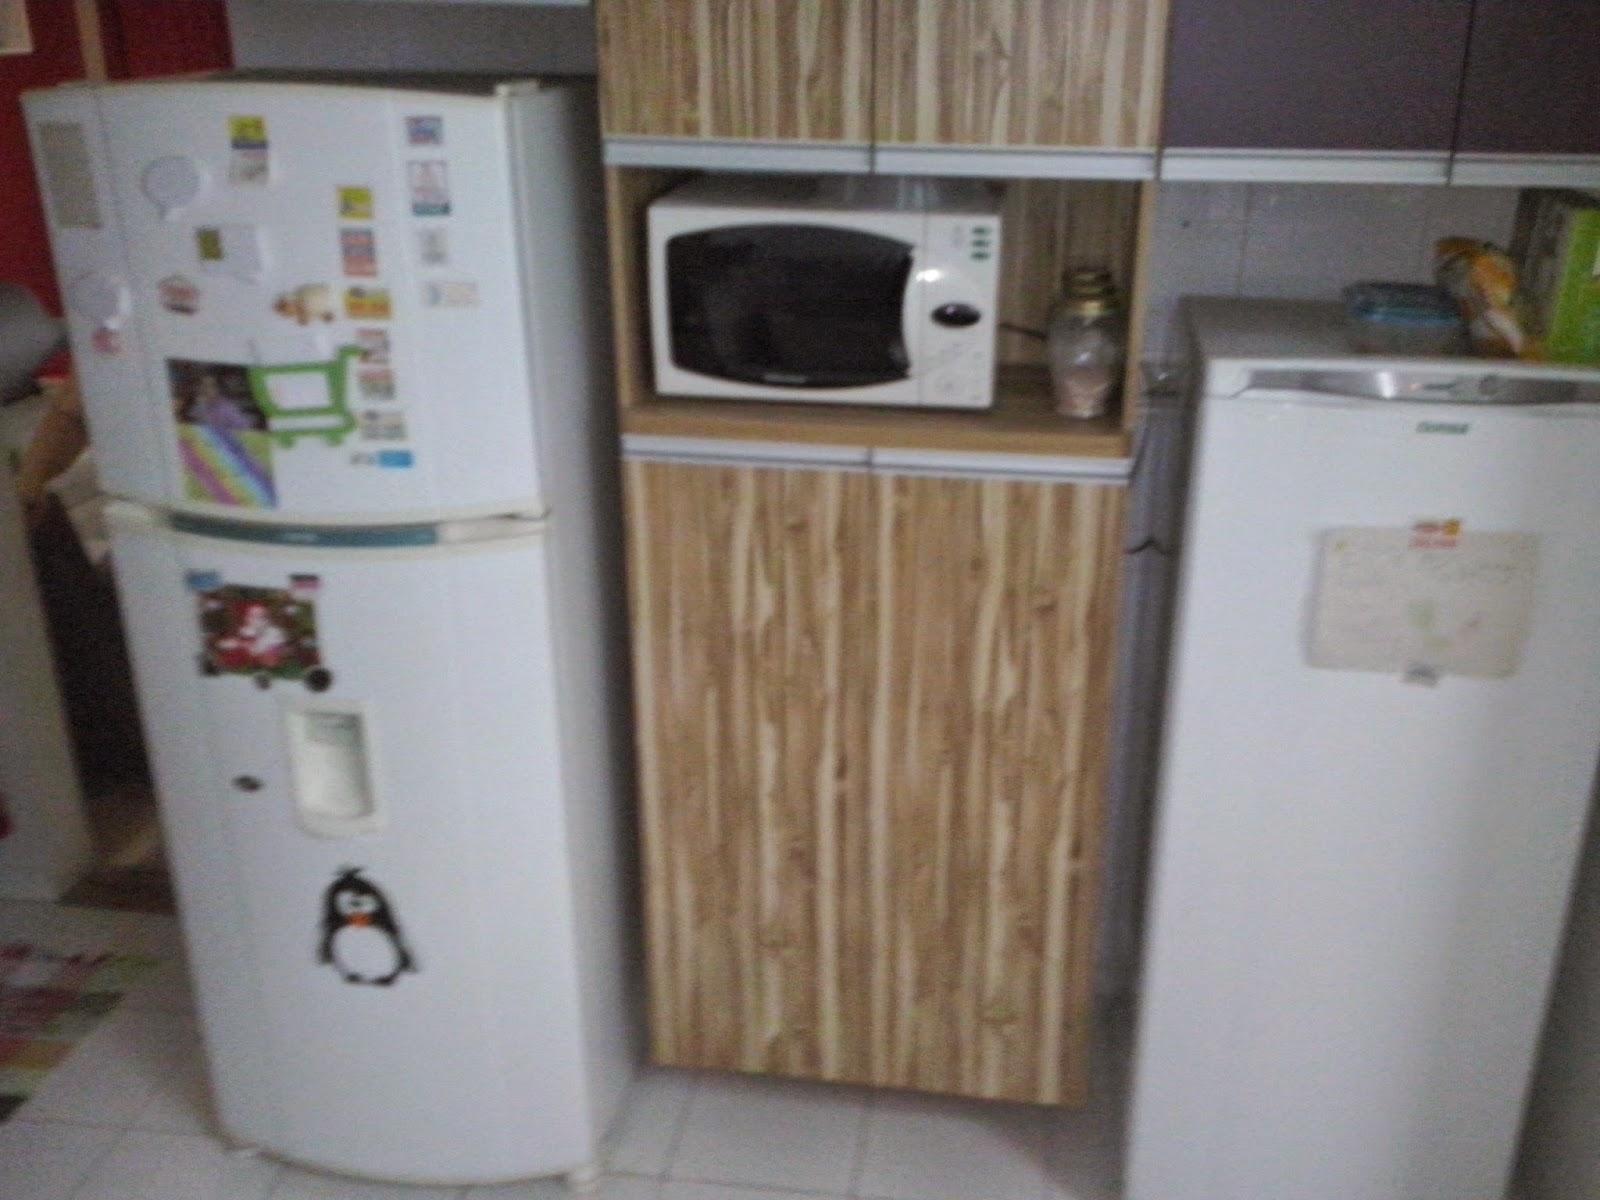 Imagens de #79644C Apartamento Ribeira Ilha do Governador Avelino Freire Imóveis 1600x1200 px 2886 Box Banheiro Ilha Do Governador